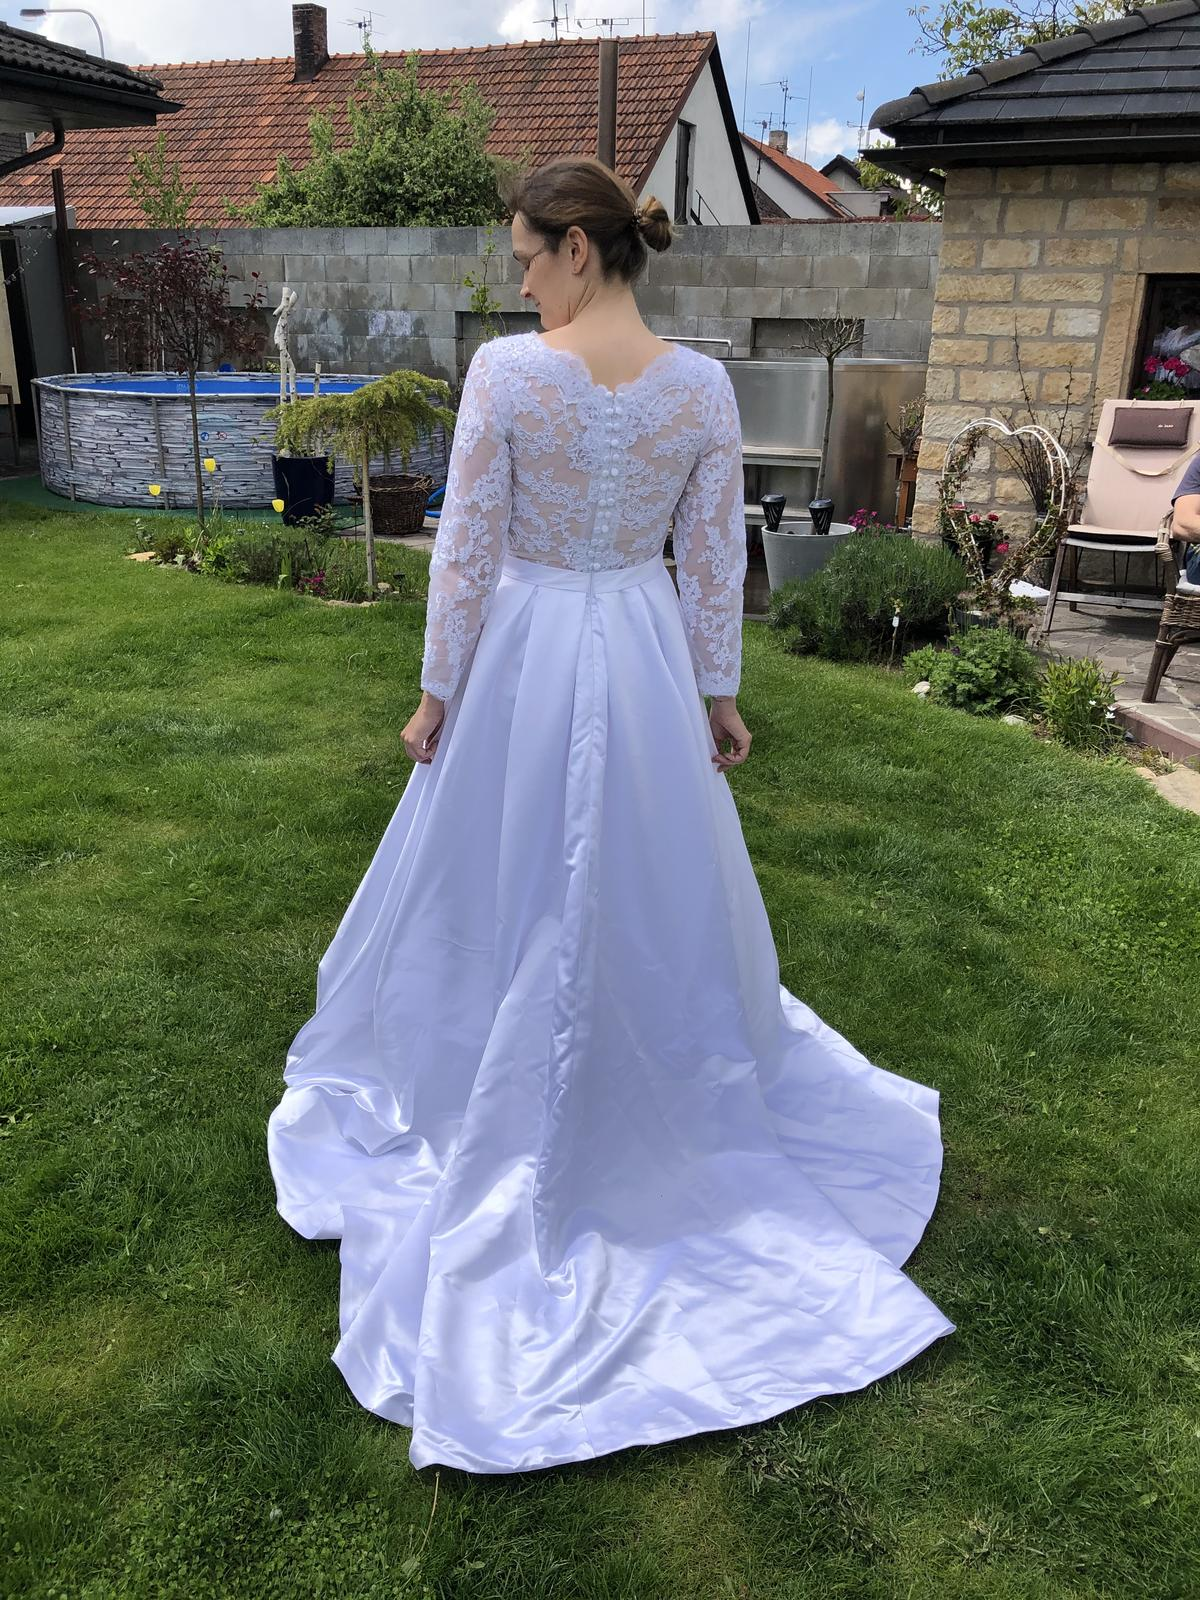 Krasne svatebni šaty se satenovou sukni s kapsami - Obrázek č. 2